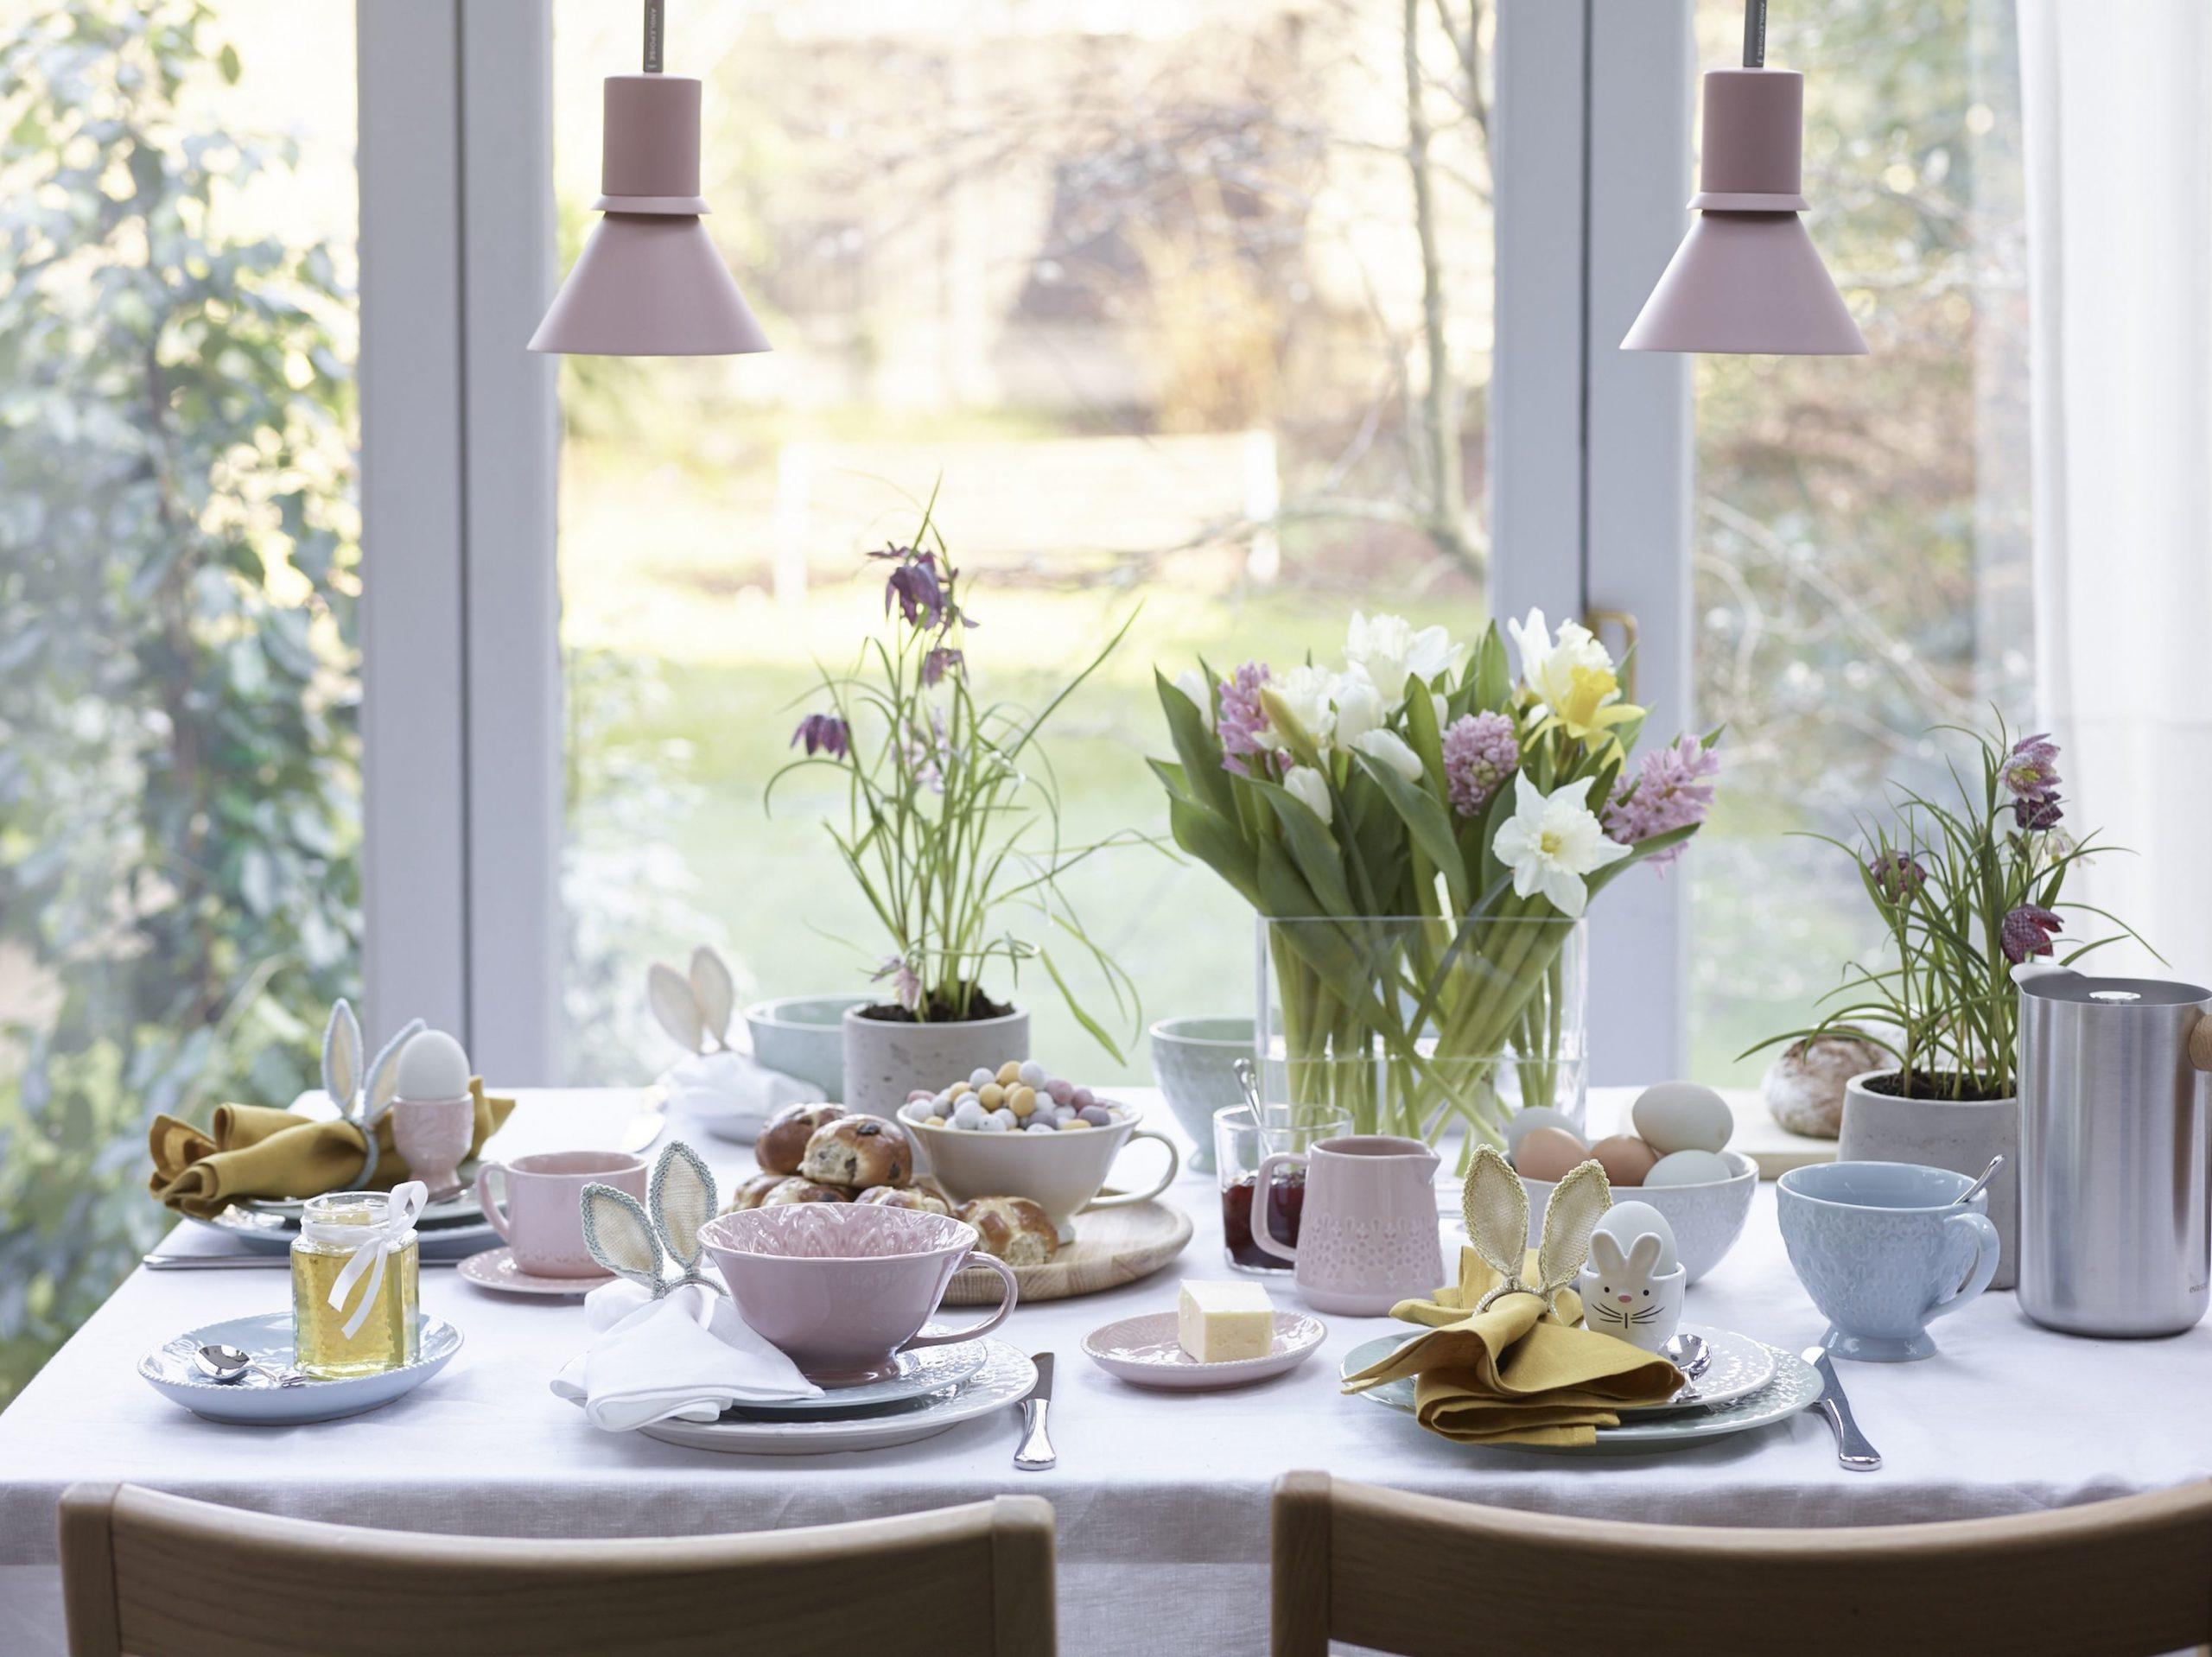 veľkonočný stôl s dekoráciami